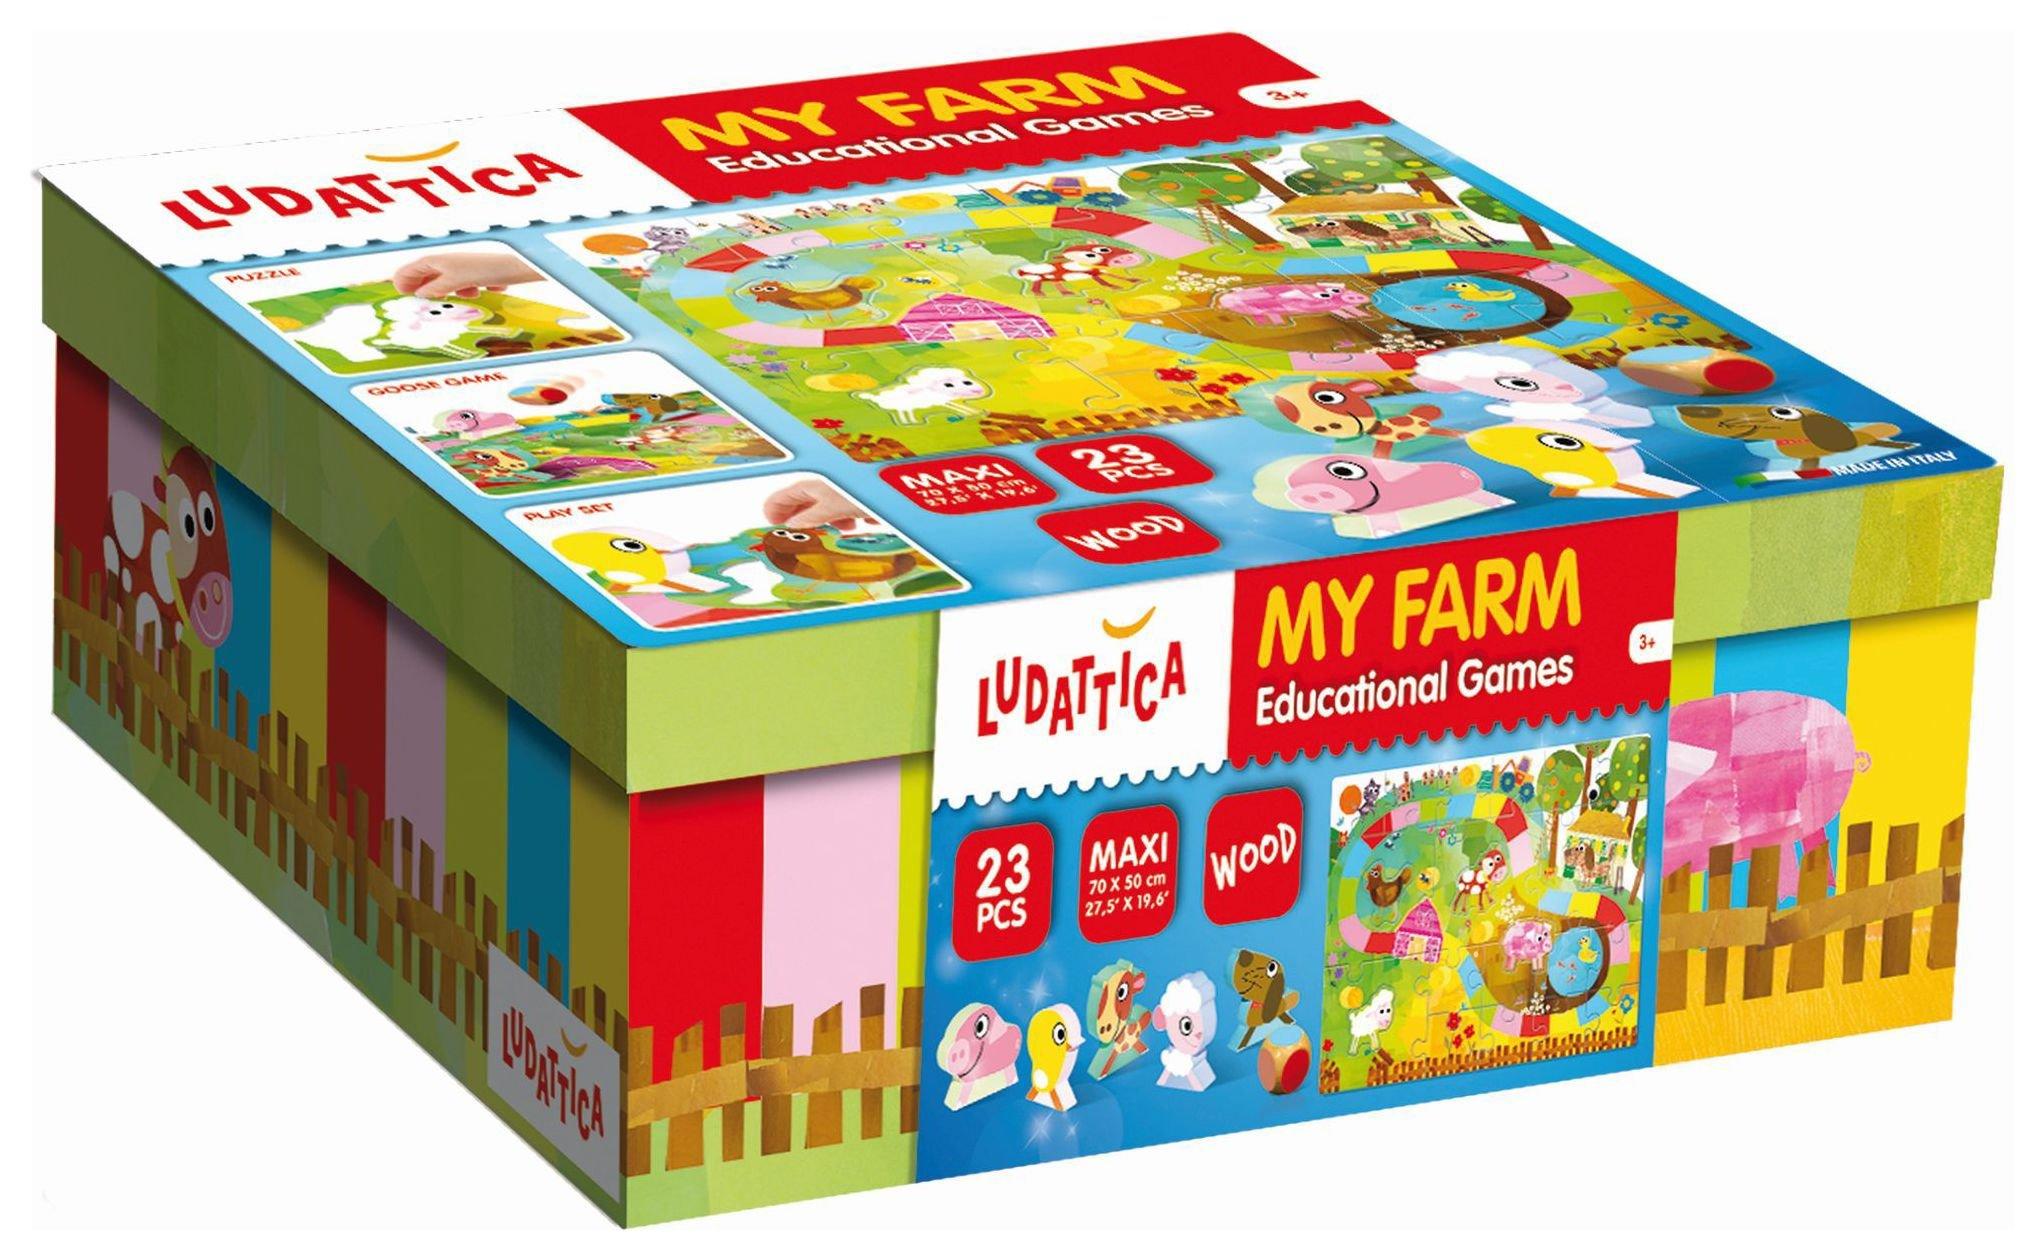 My Farm 3 in 1 Games.